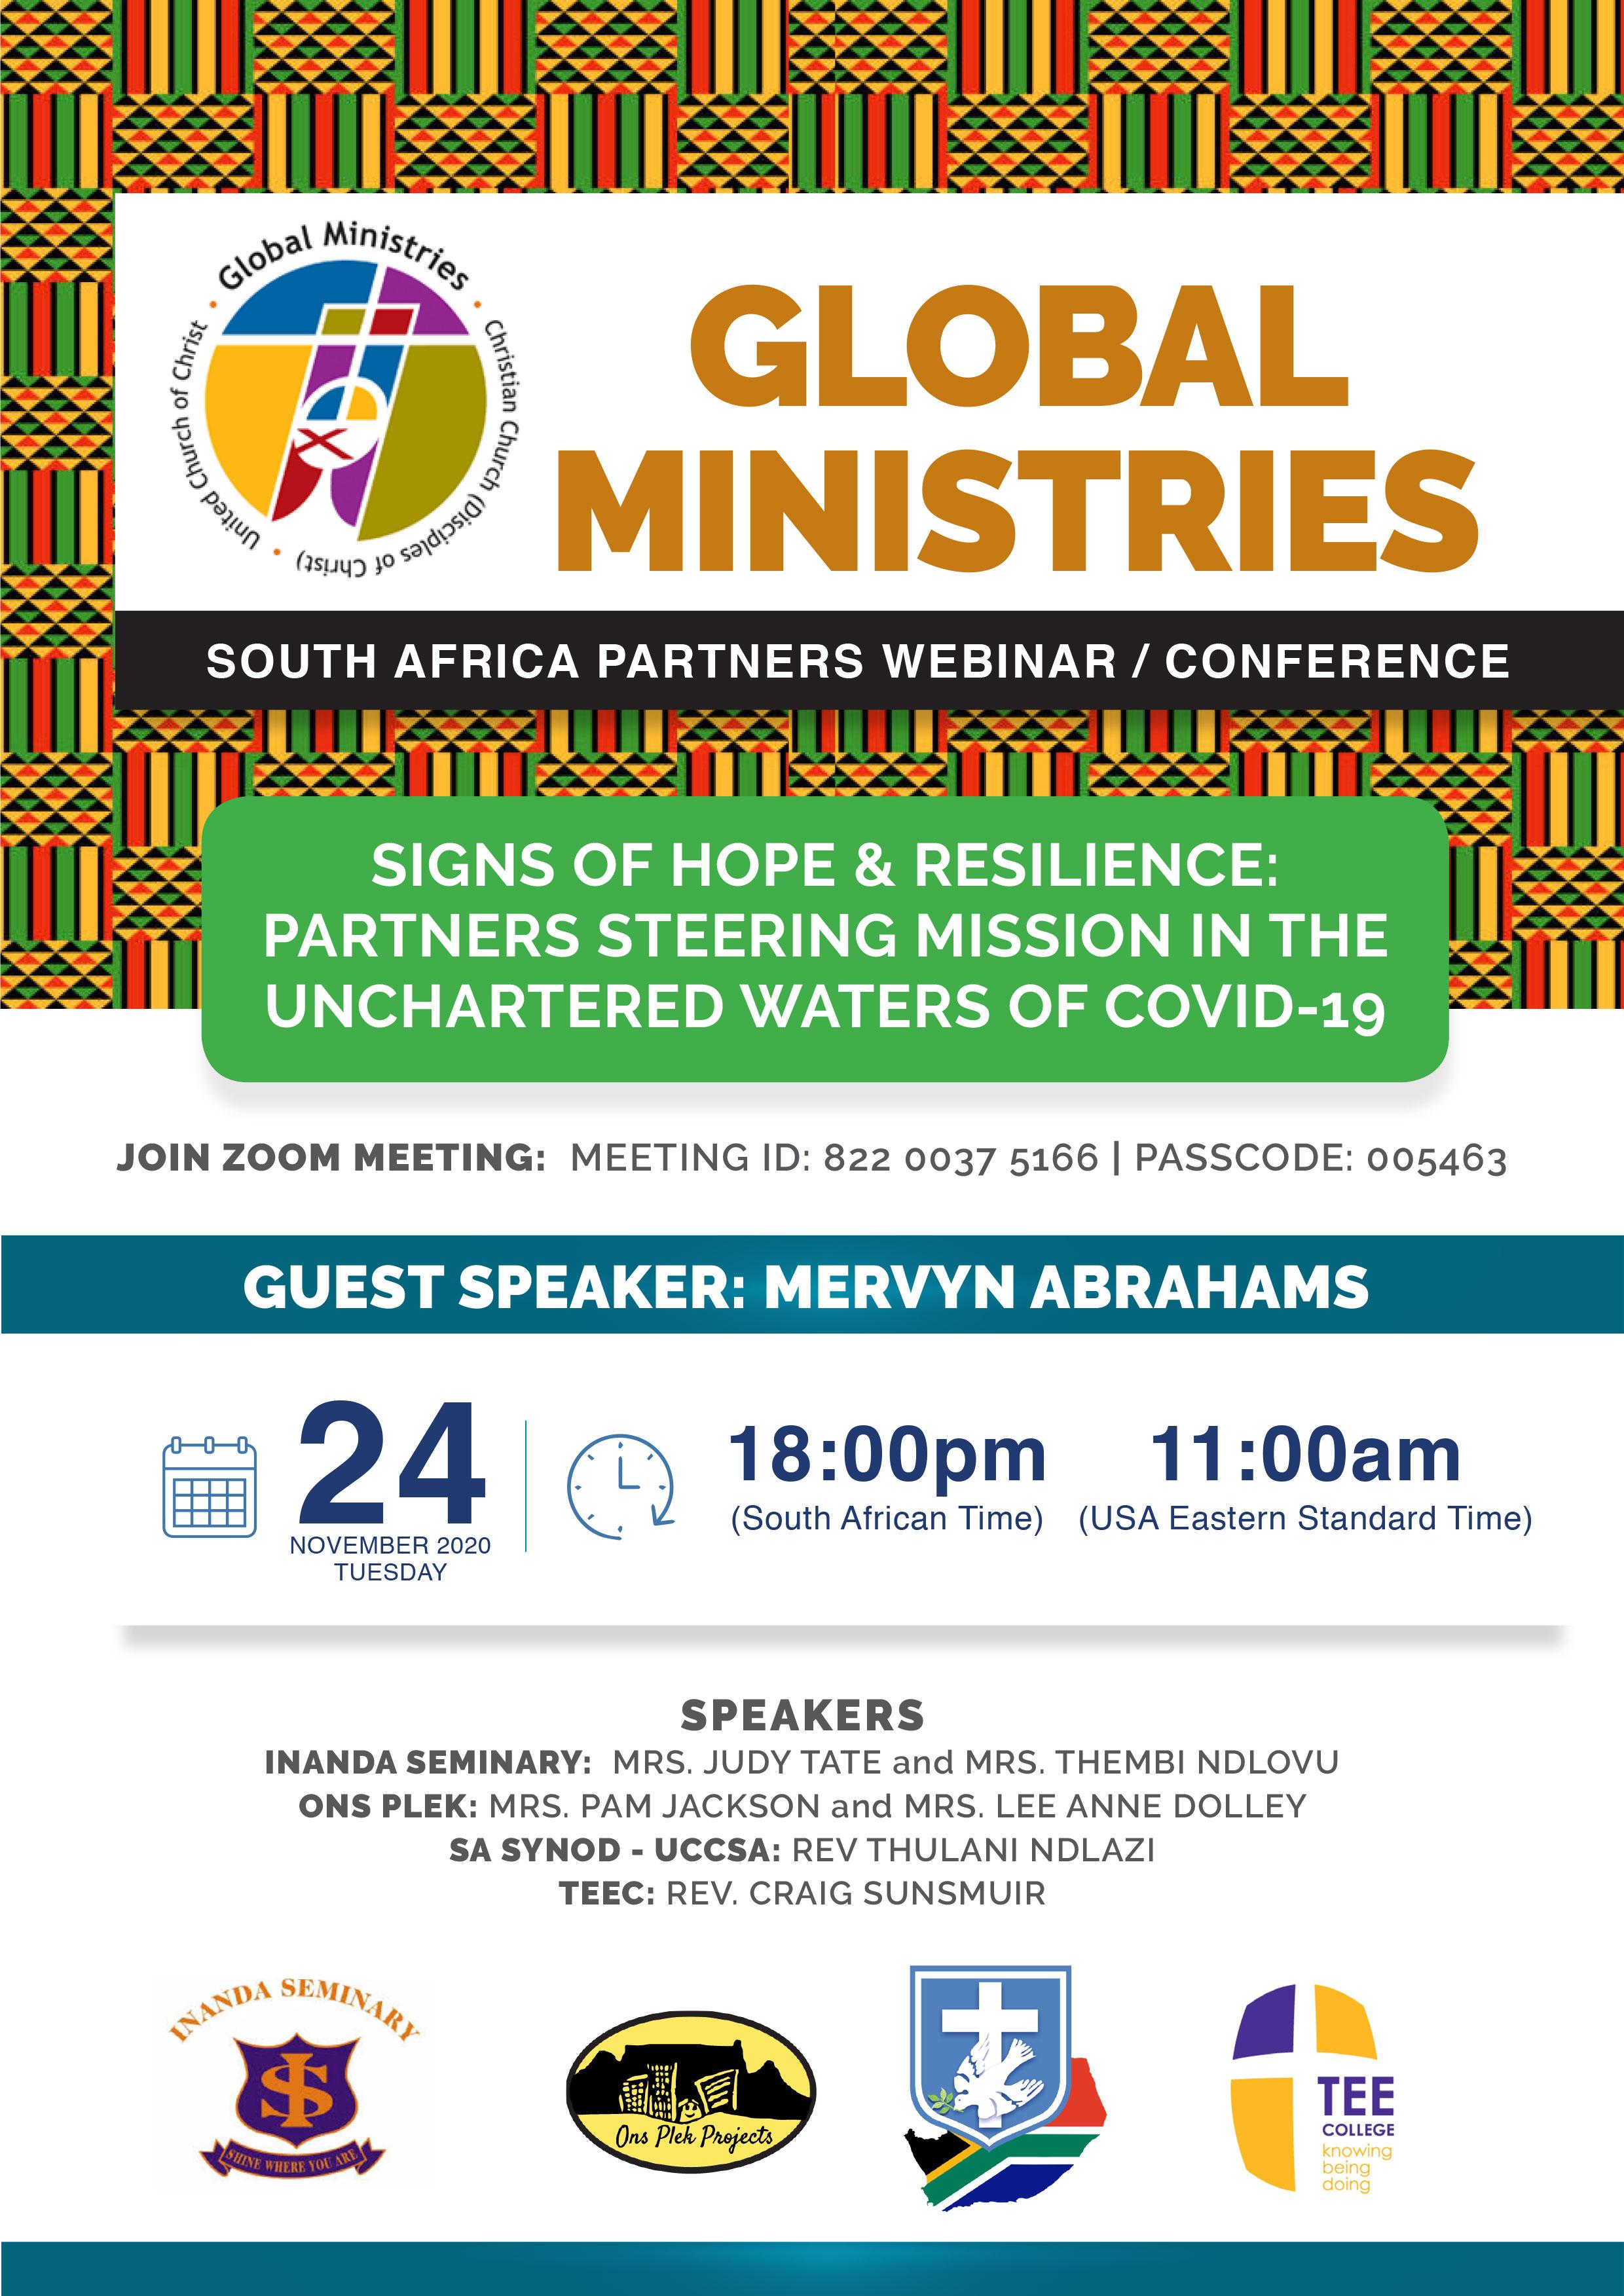 SA_Global-Ministries_POSTER_AW2_(002).jpg